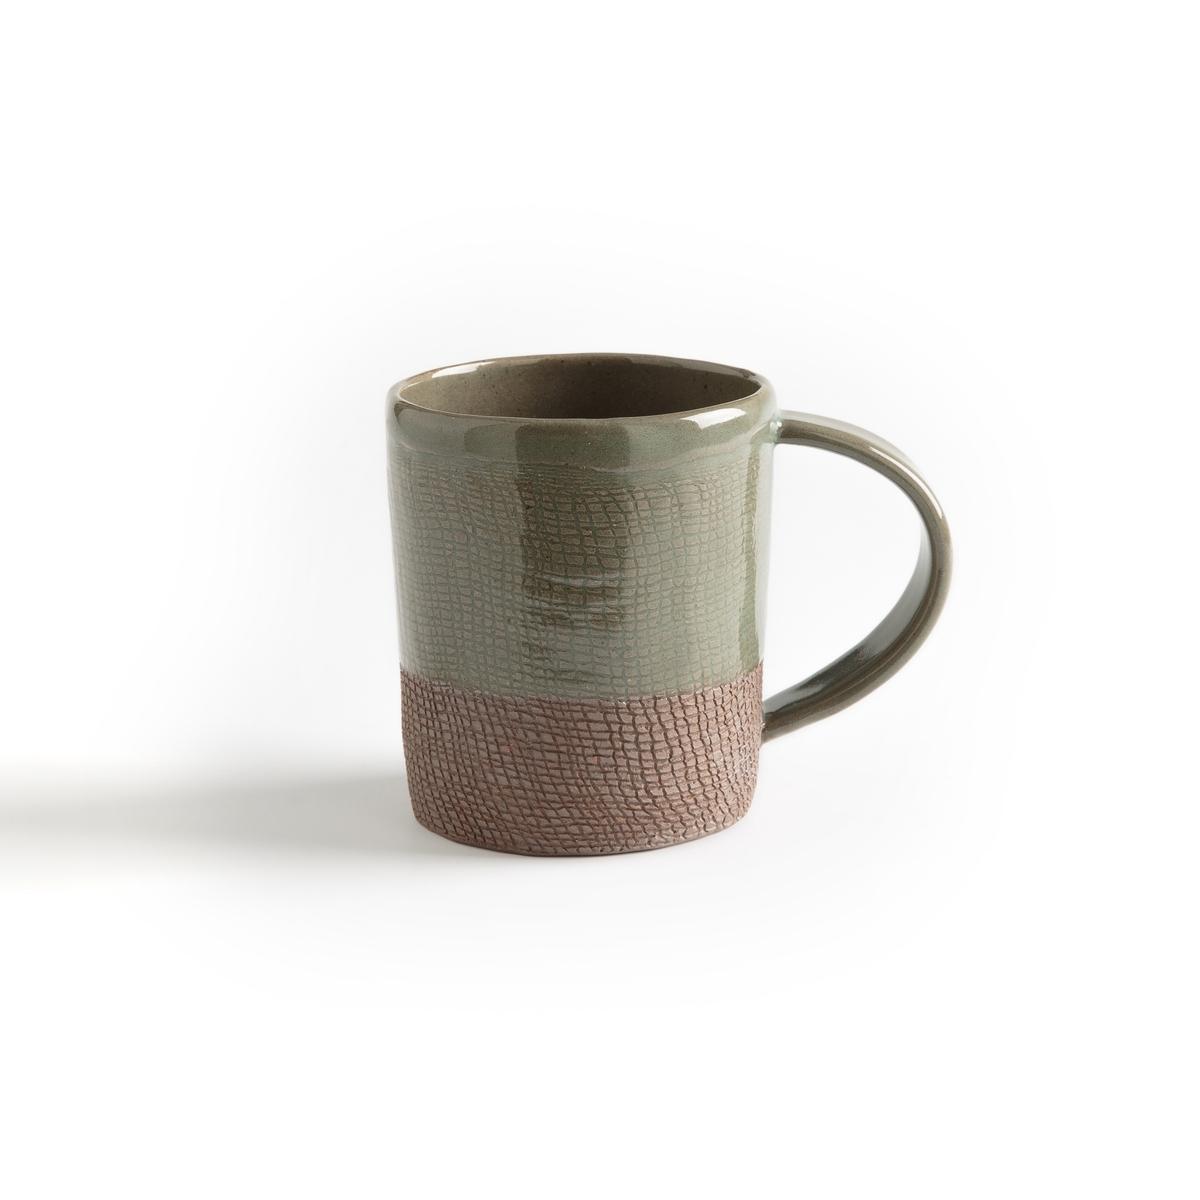 Кружка La Redoute Из керамики Sanna единый размер каштановый плоские la redoute тарелки из эмалированной керамики attale единый размер каштановый